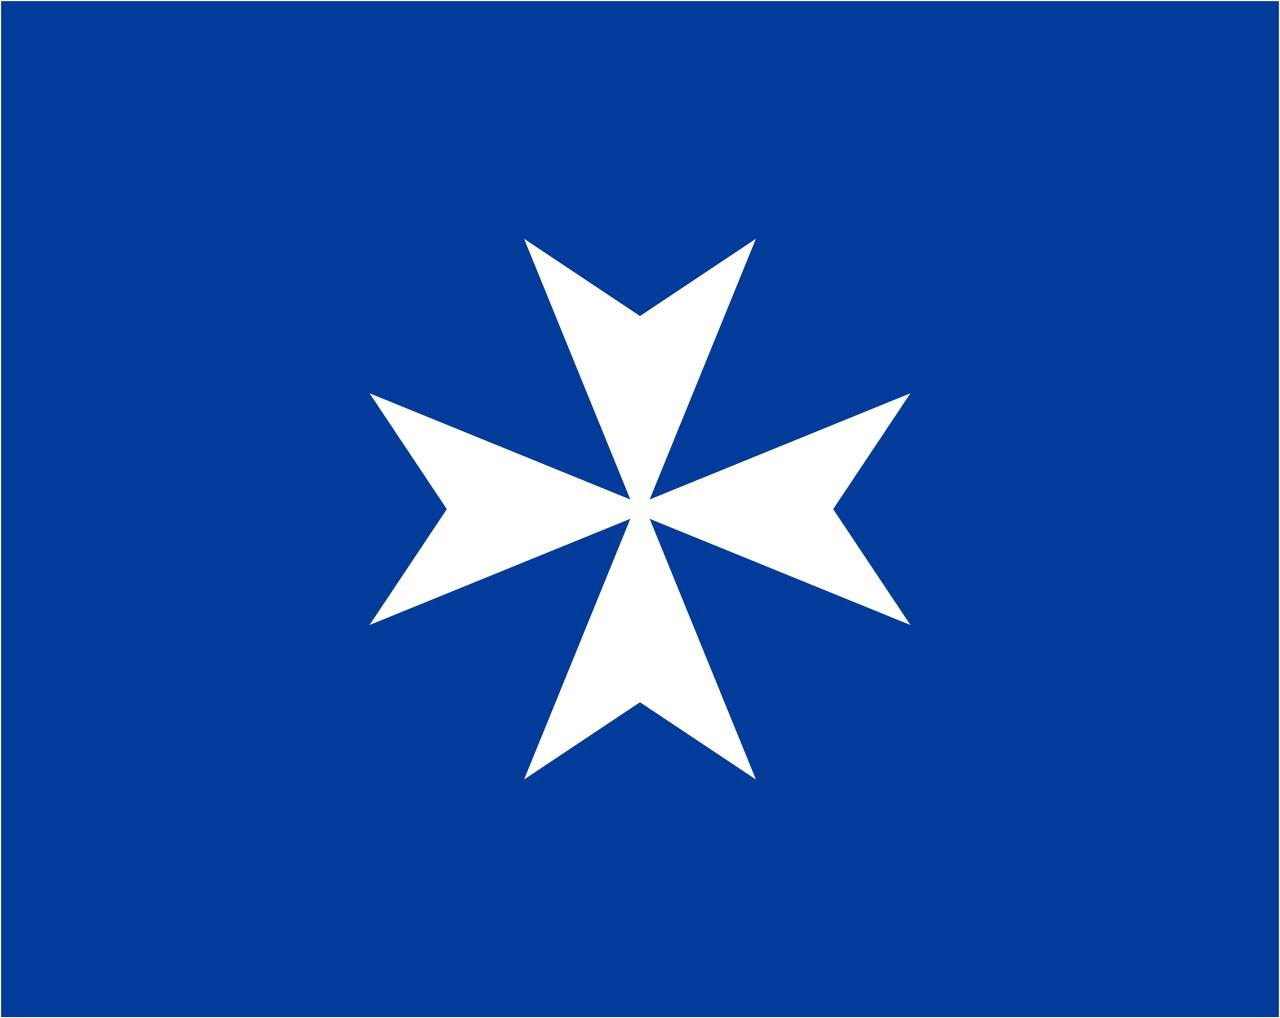 Amalfi - bandiera della repubblica marinara